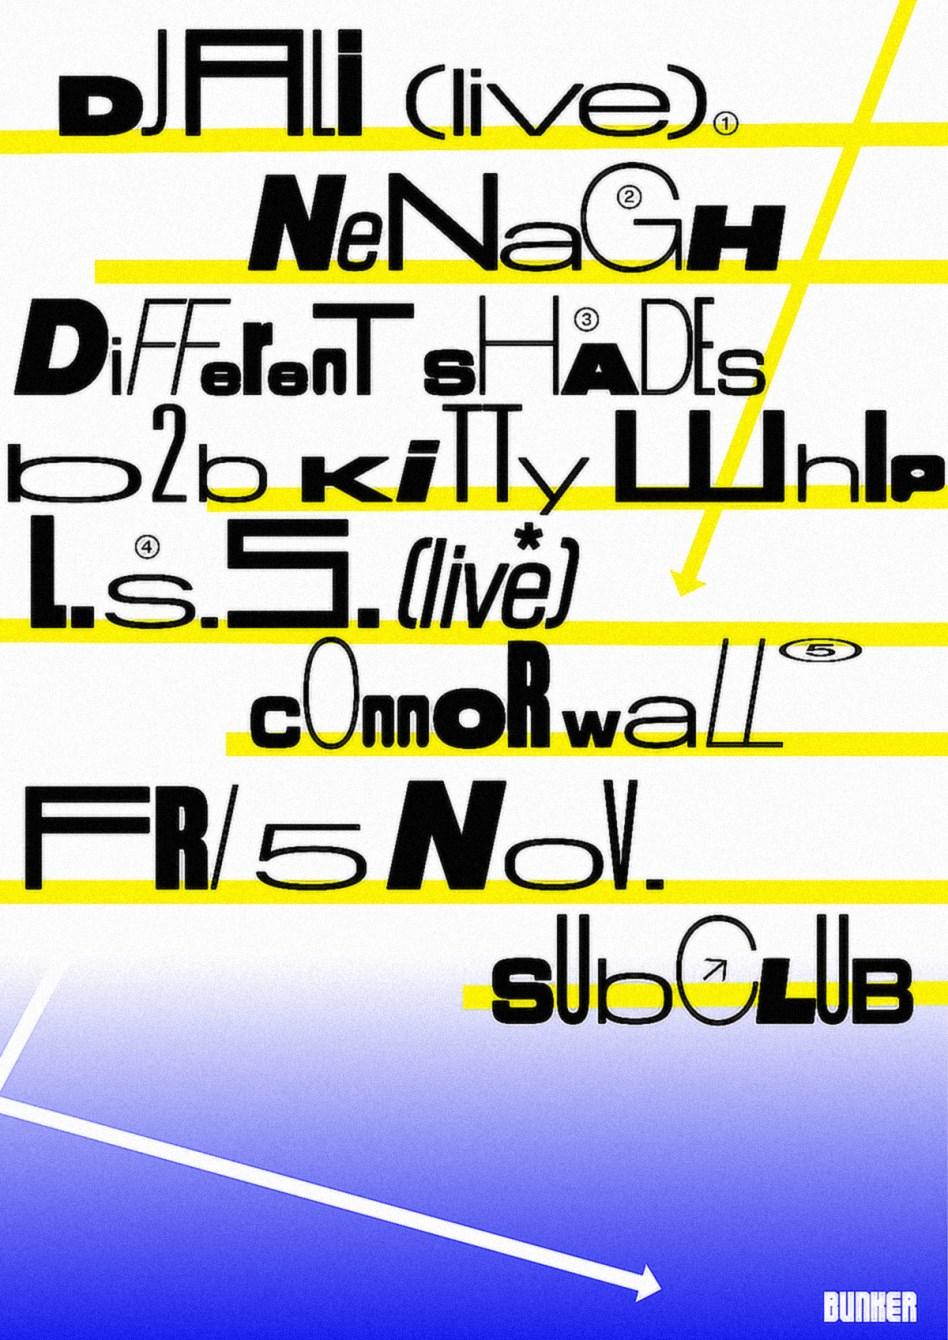 DJ ALI sub club